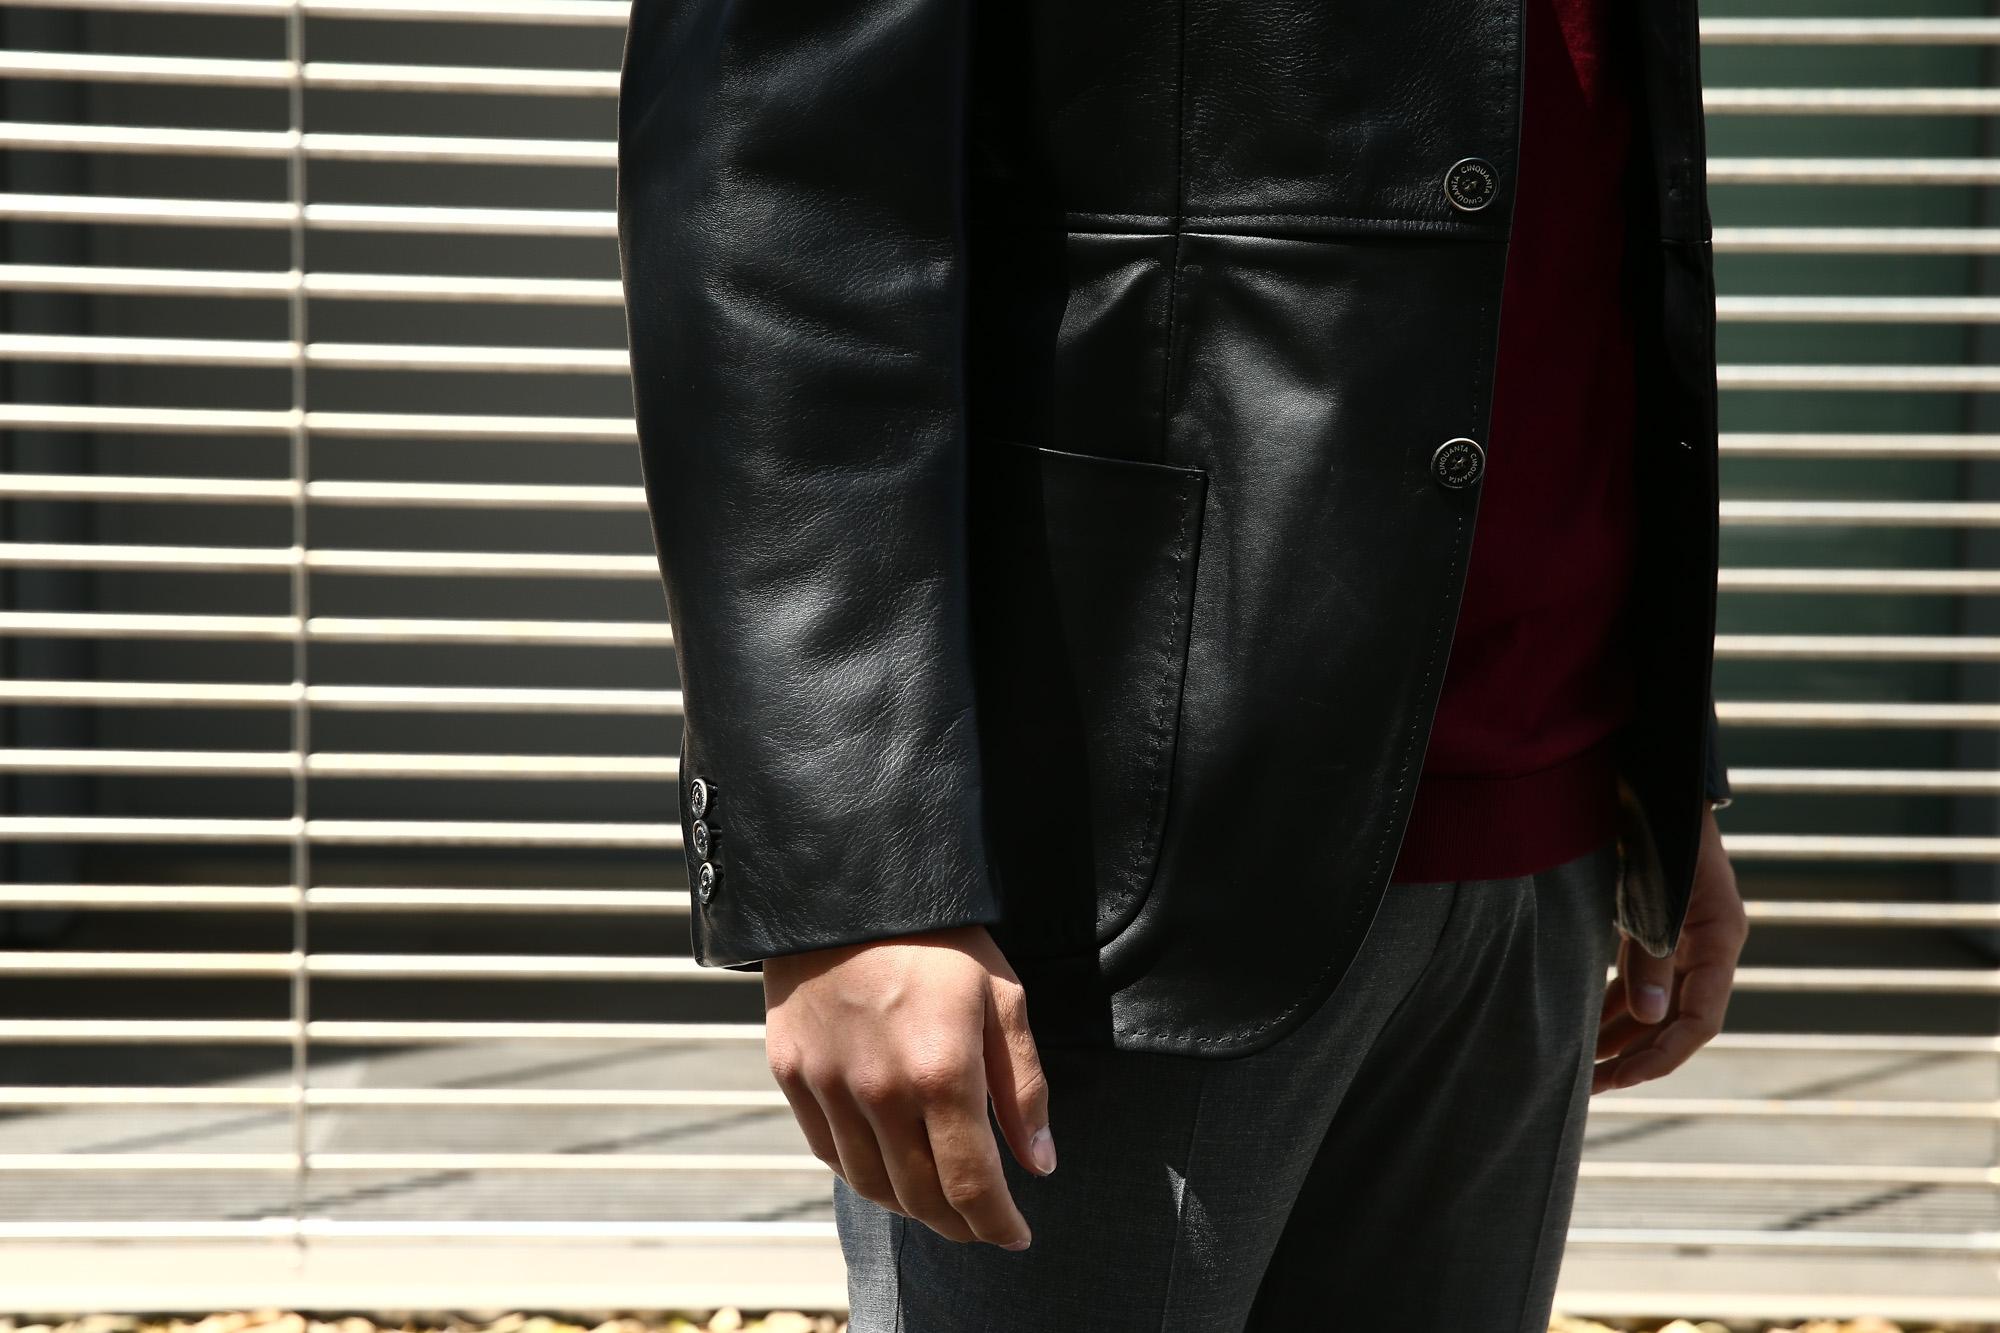 CINQUANTA (チンクアンタ) H613 SINGLE TAILORED JACKET CAVALLO (シングル テーラード ジャケット) ホースレザー ジャケット BLACK (ブラック・999) Made in italy (イタリア製) 2018 秋冬 【ご予約開始します】 cinquanta チンクアンタ レザージャケット ジャケット 愛知 名古屋 ZODIAC ゾディアック